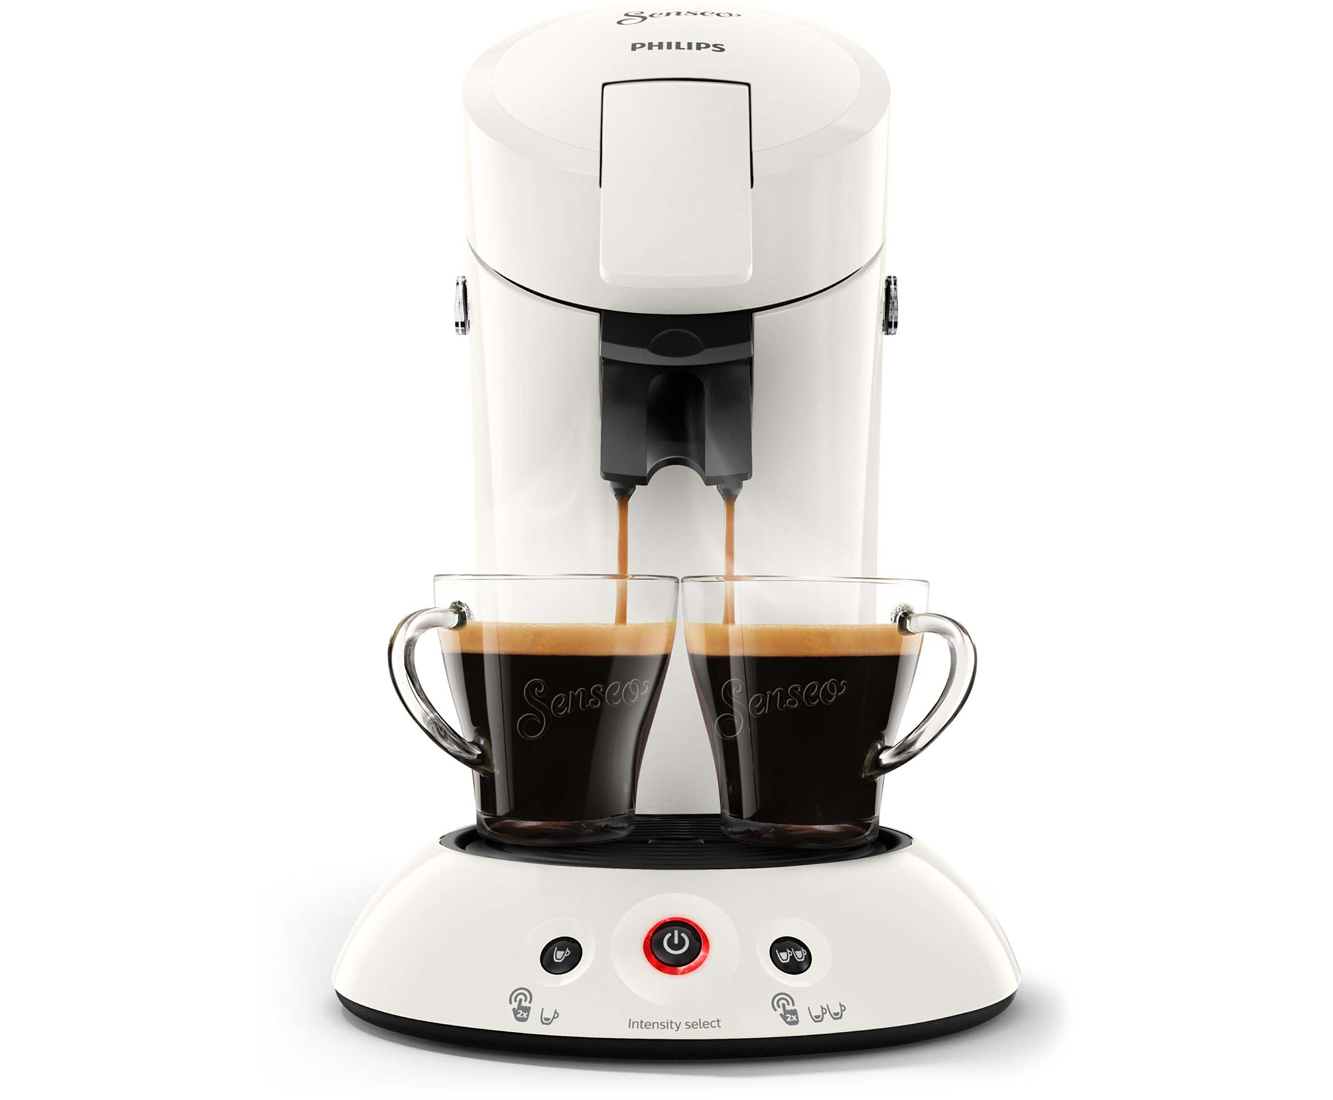 kaffeemaschine ganze bohnen kaffeemaschine test welche. Black Bedroom Furniture Sets. Home Design Ideas